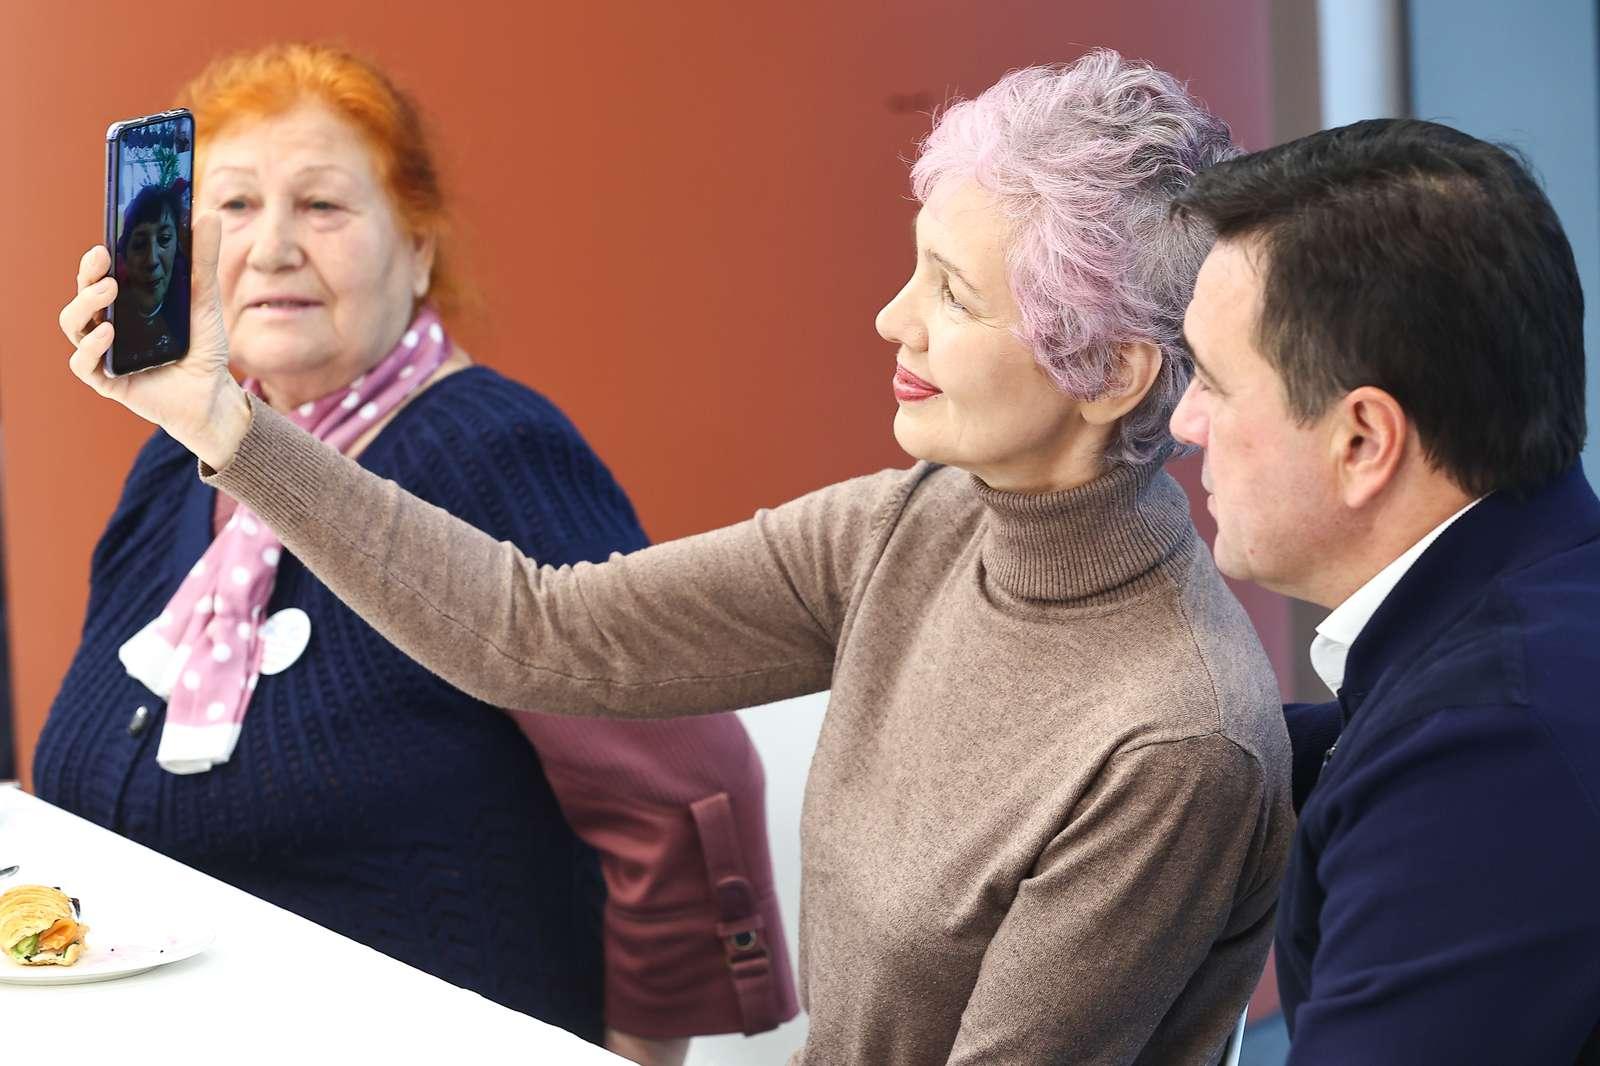 Современные и увлеченные. Как «Активное долголетие» помогает старшему поколению Подмосковья развиваться и путешествовать | Изображение 4